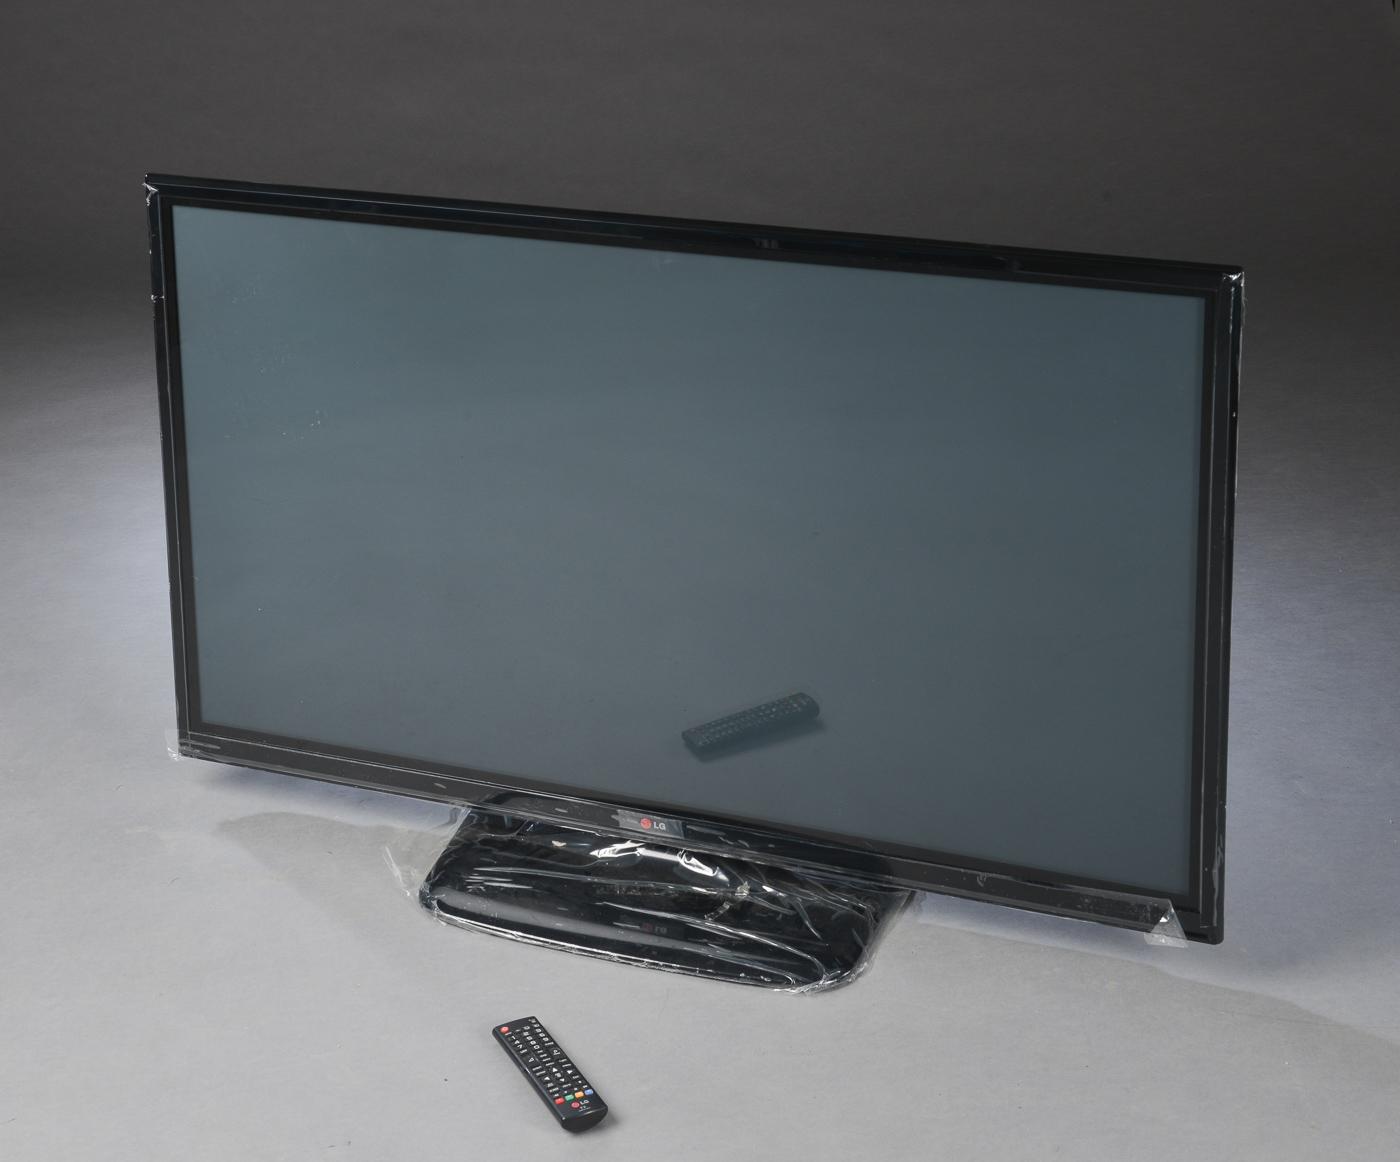 """LG plasma-TV - LG 50"""" plasma-TV, model LG 50PB560V. Fjernbetjening medfølger. Minimale brugsspor. Lauritz.com indestår ikke for funktionaliteten. Auktioner over hittegods, cykler, og koster fra Københavns Politi Se alle auktionerne her"""